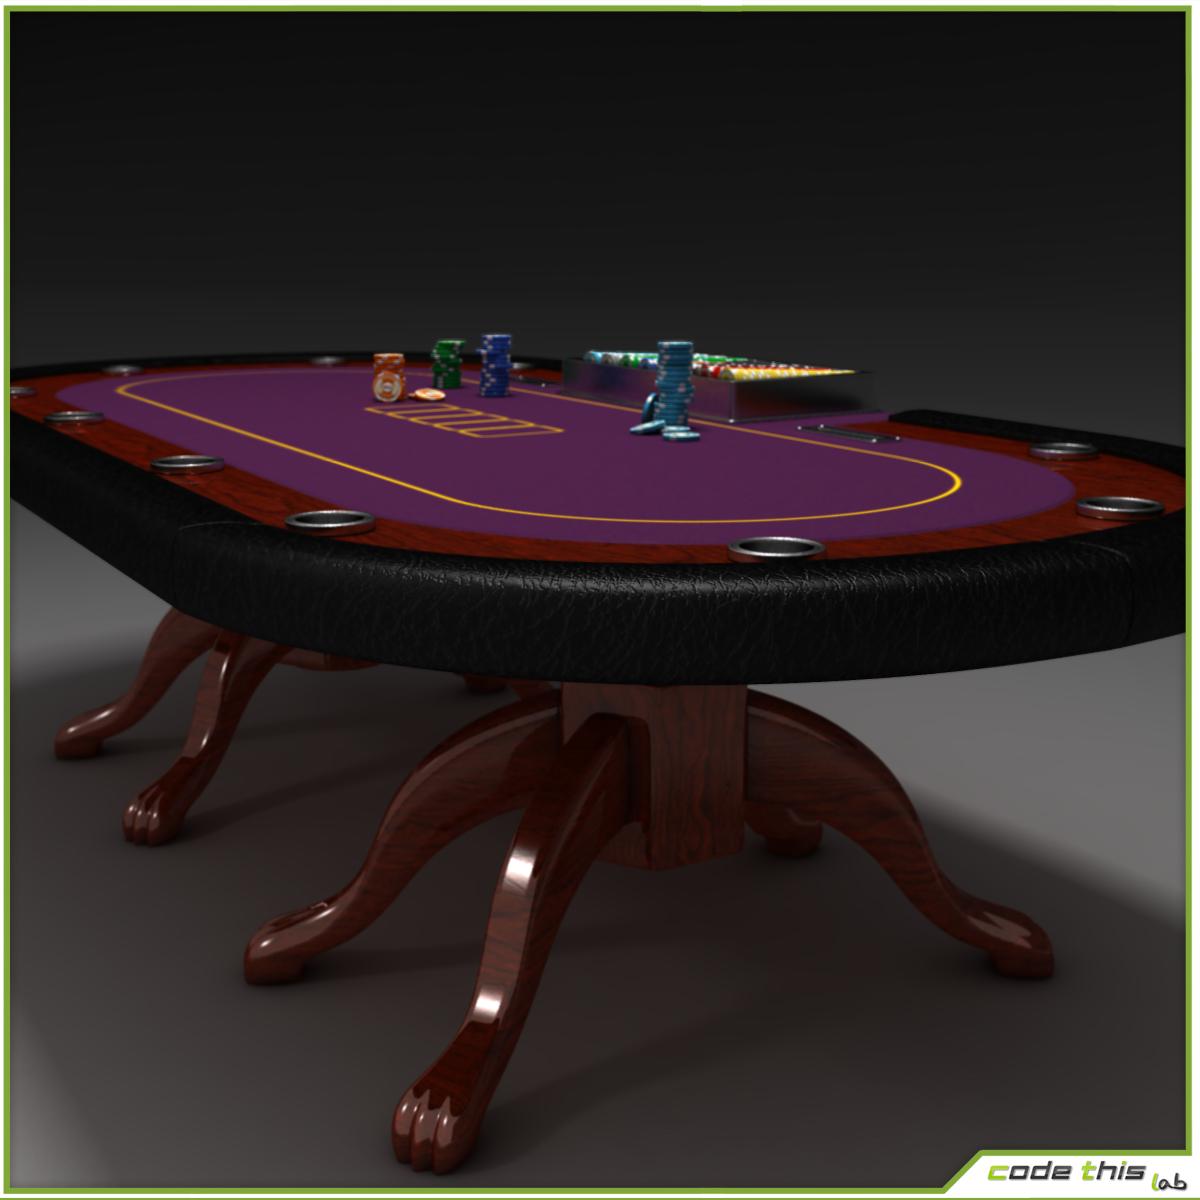 9' Poker Table - Metal Base w/ Foot Rail